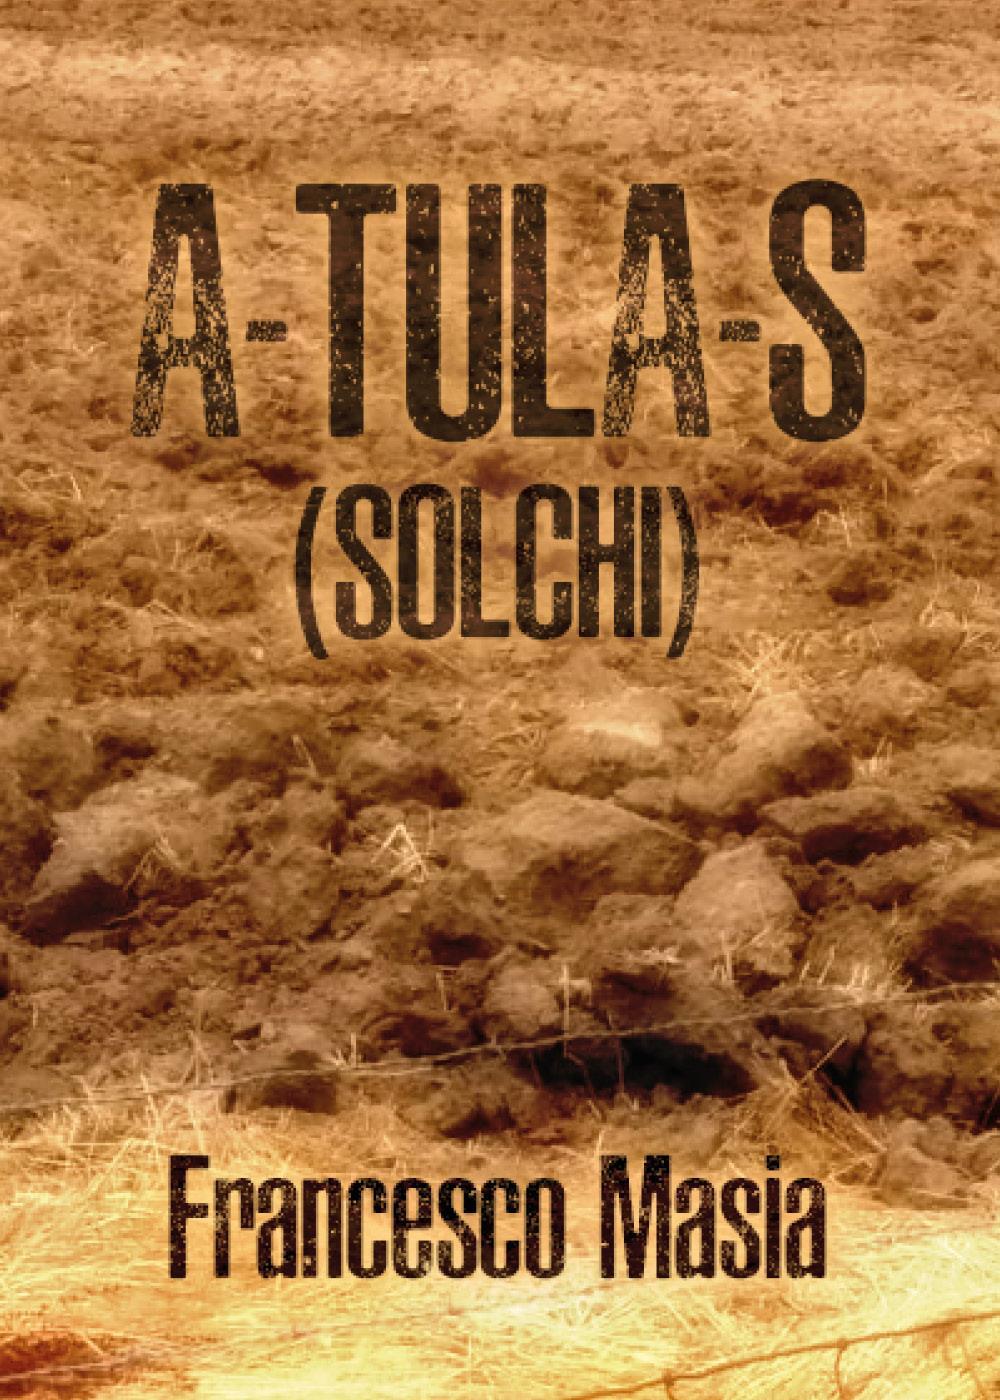 A-TULA-S (Solchi)